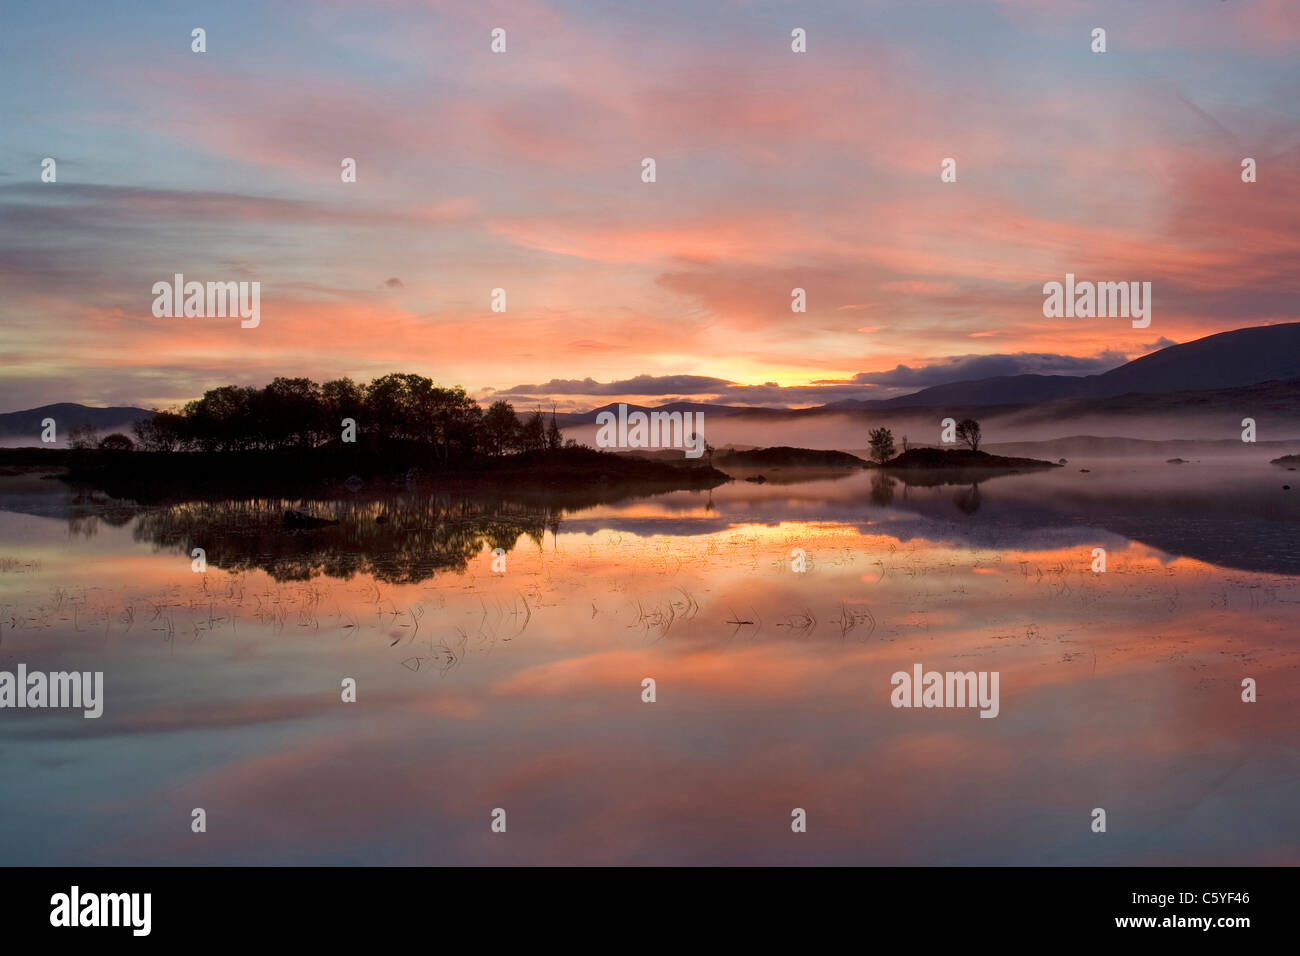 Loch Ba at dawn, Rannoch Moor, Scotland, Great Britain. - Stock Image